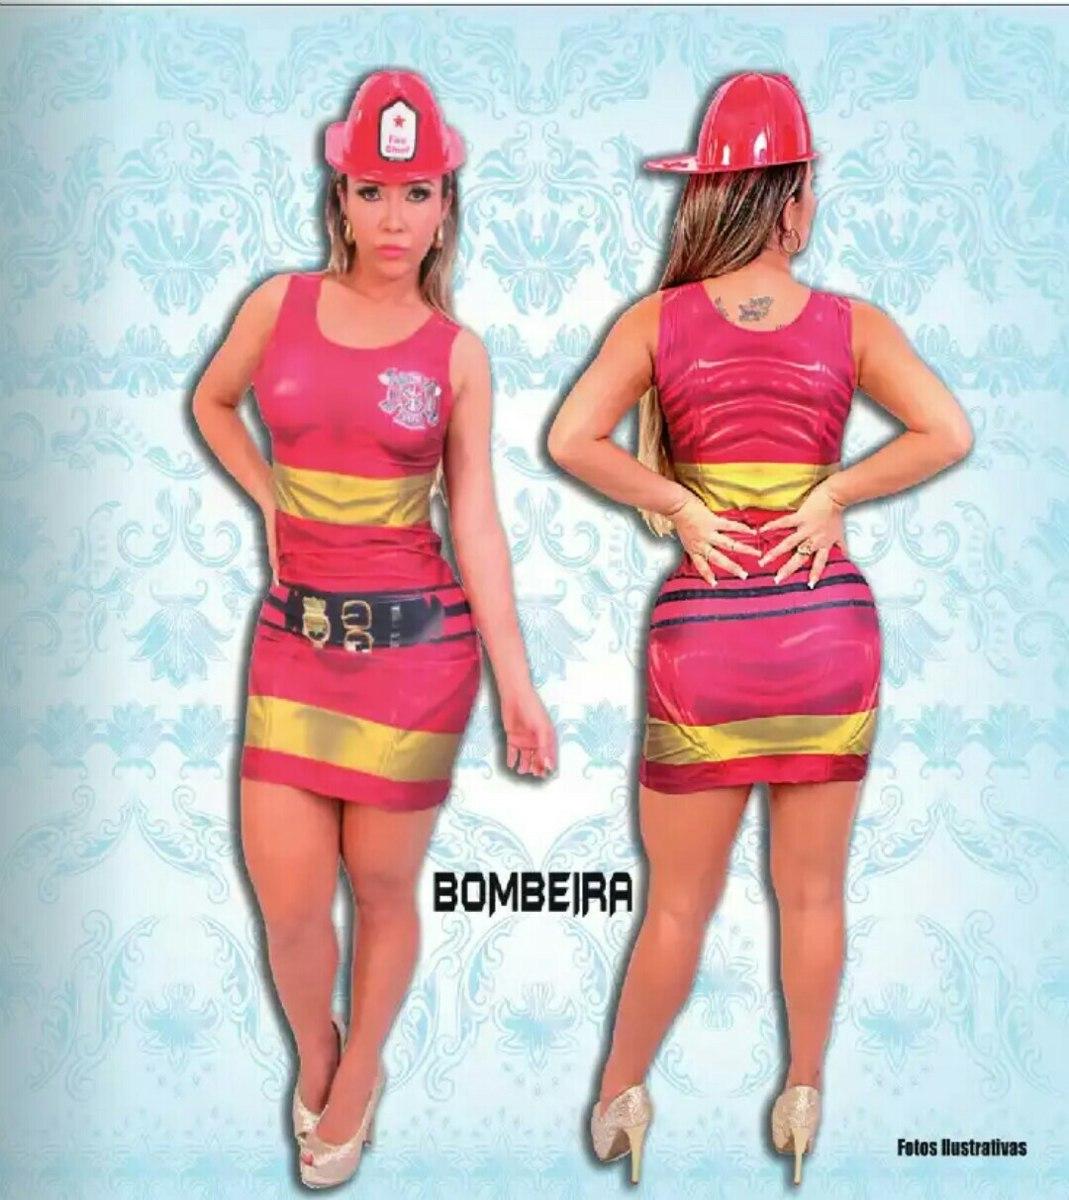 dad2e78418 Fantasia Bombeira Feminina Completa - R$ 99,90 em Mercado Livre